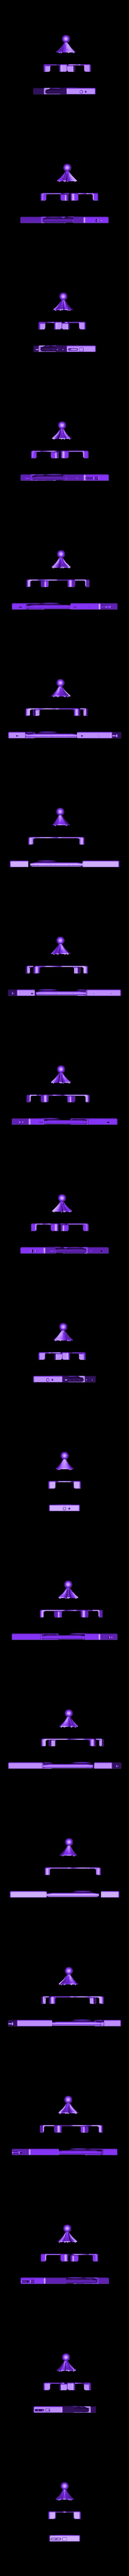 despiece_2_carcasa_1020.stl Télécharger fichier STL gratuit Estuche, funda protectora Nokia Lumia 1020, con sistema articulado • Design pour imprimante 3D, saginau